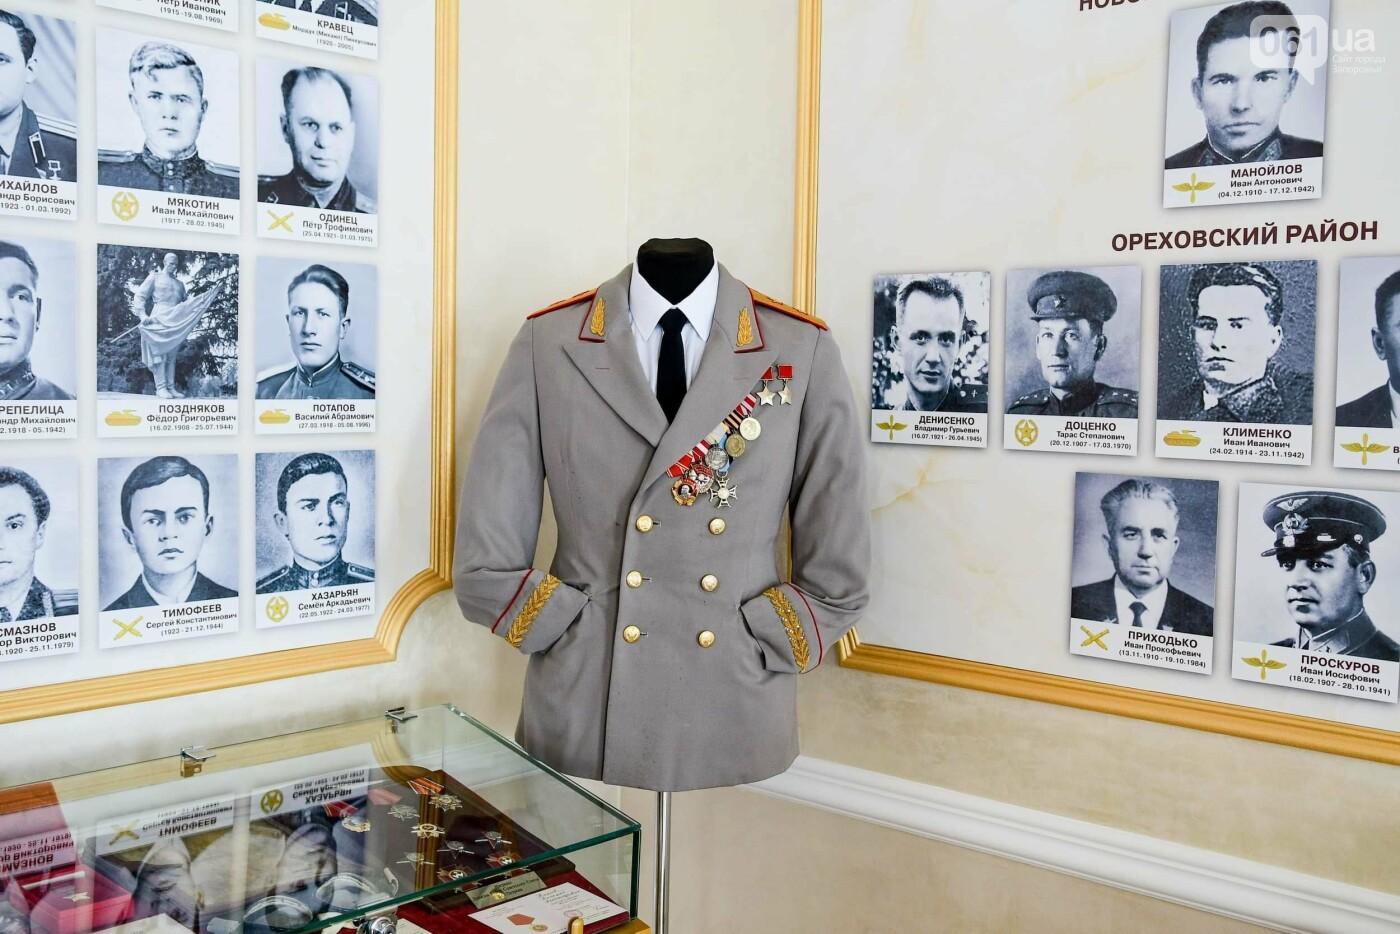 В запорожском музее появился уникальный экспонат - форма легендарного офицера, который воевал без рук, - ФОТО, фото-2